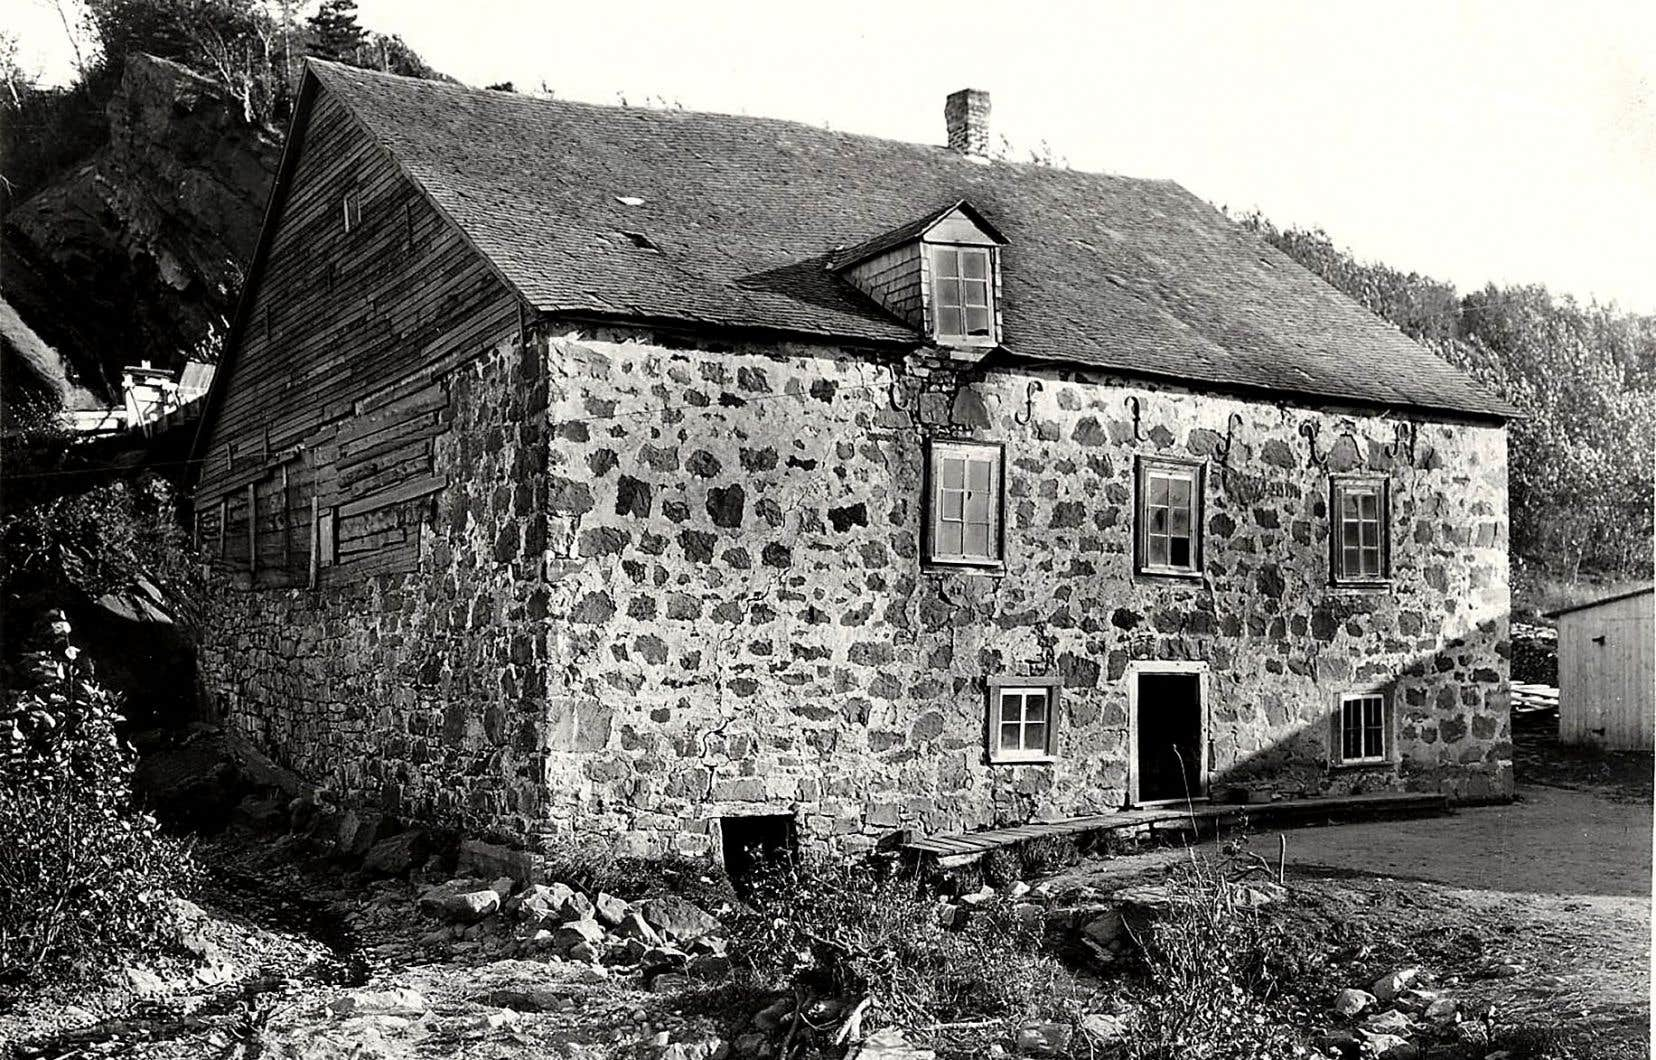 Bâti en 1823, le moulin à farine de L'Isle-Verte (photographié en 1925) a cessé ses opérations en 1940.